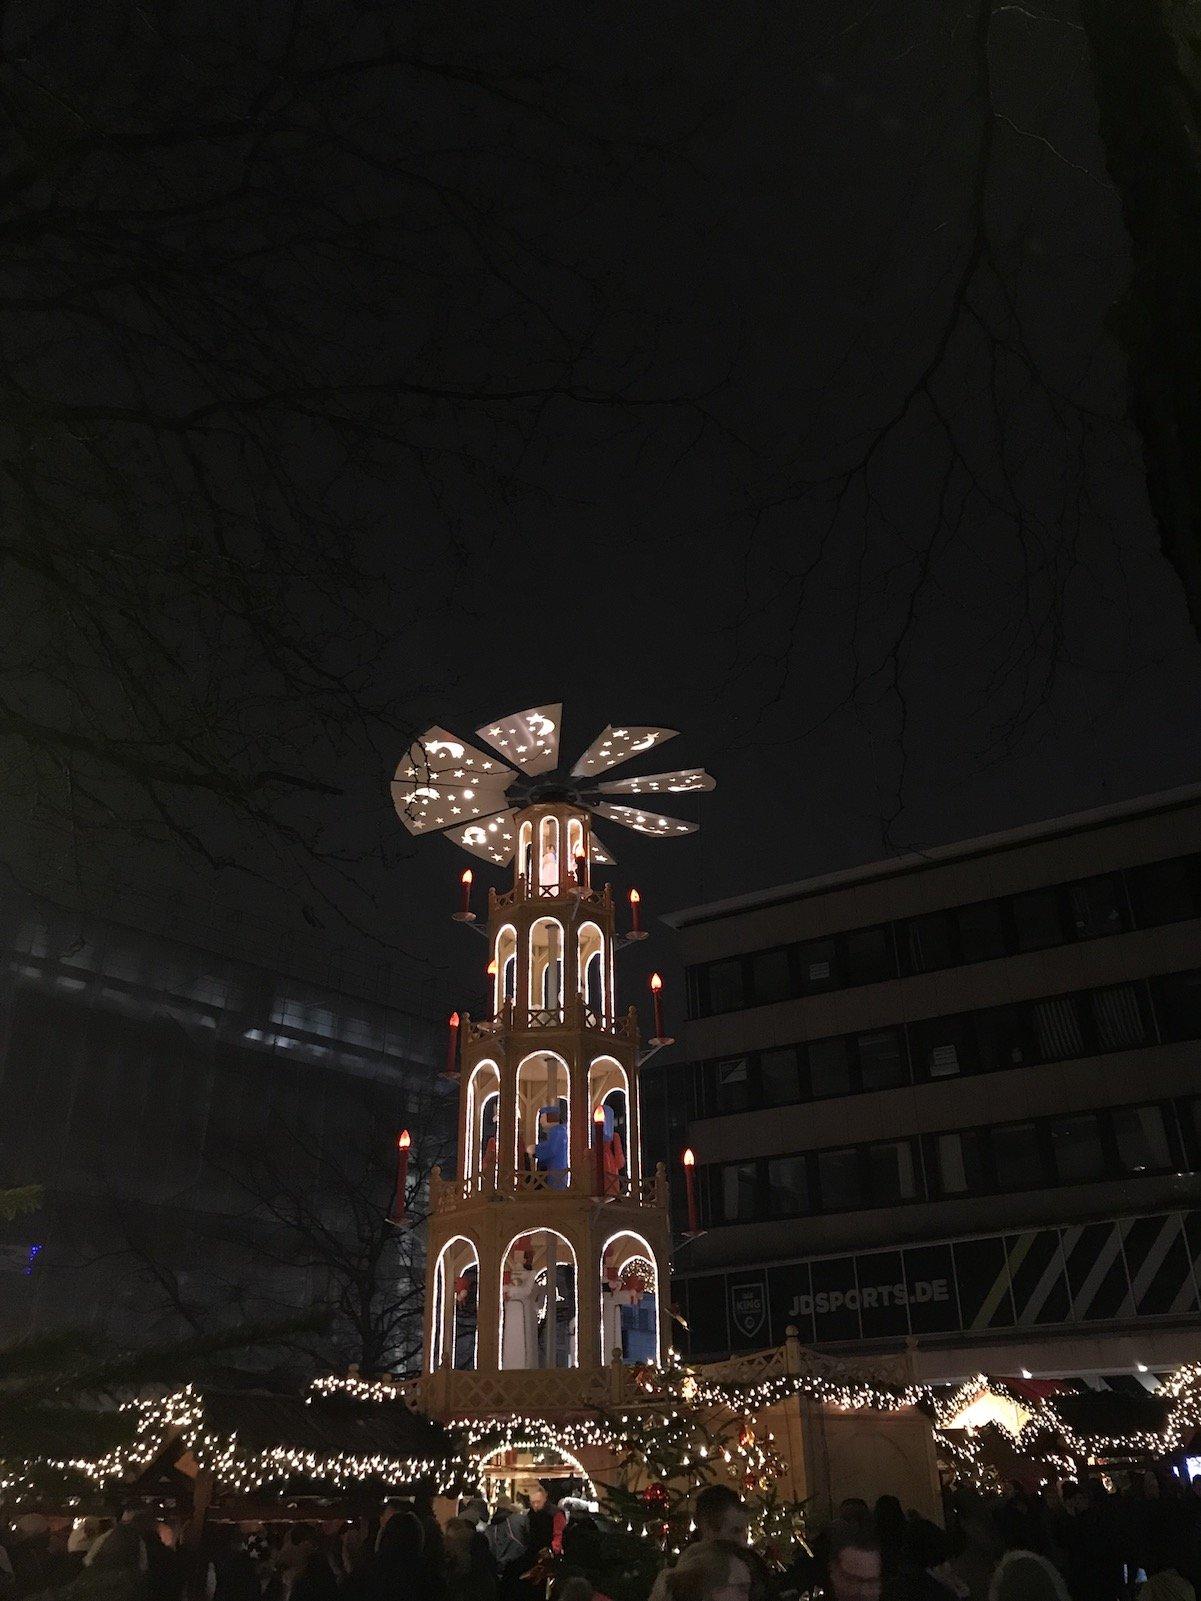 Pyramide auf dem Asmus-Bremer-Platz in Kiel